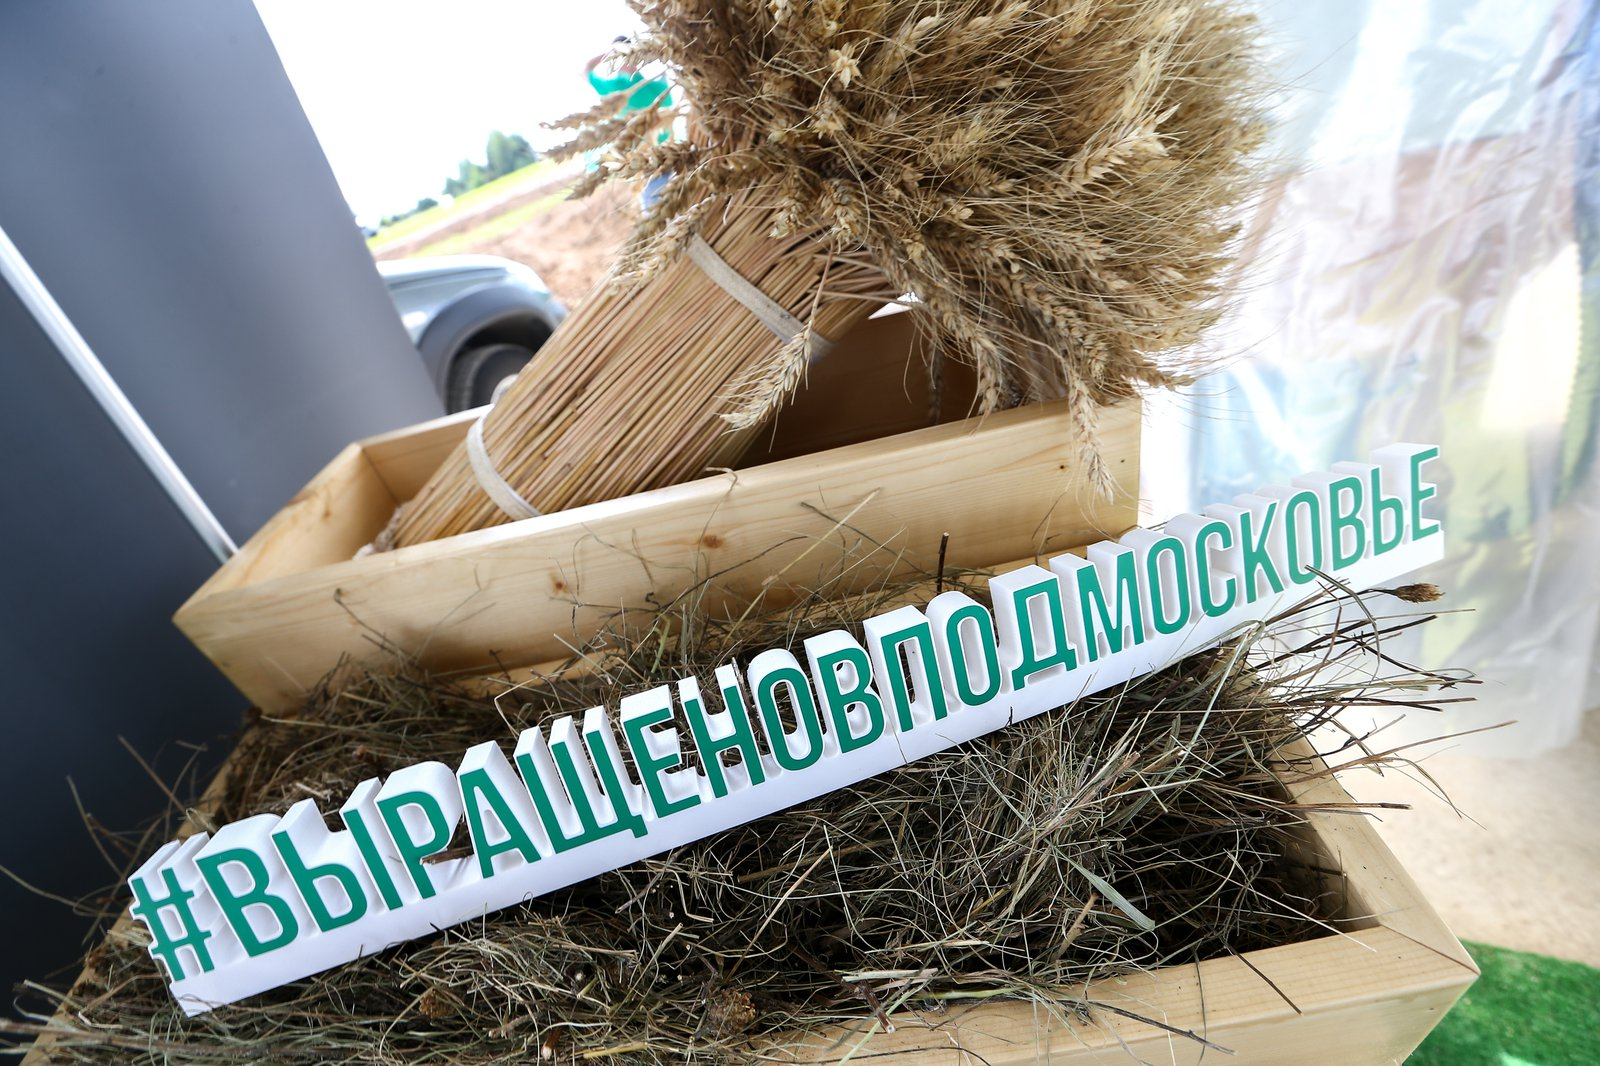 Андрей Воробьев губернатор московской области - Подмосковный пармезан и Нейромонах Феофан: как в области готовятся к сырному фестивалю